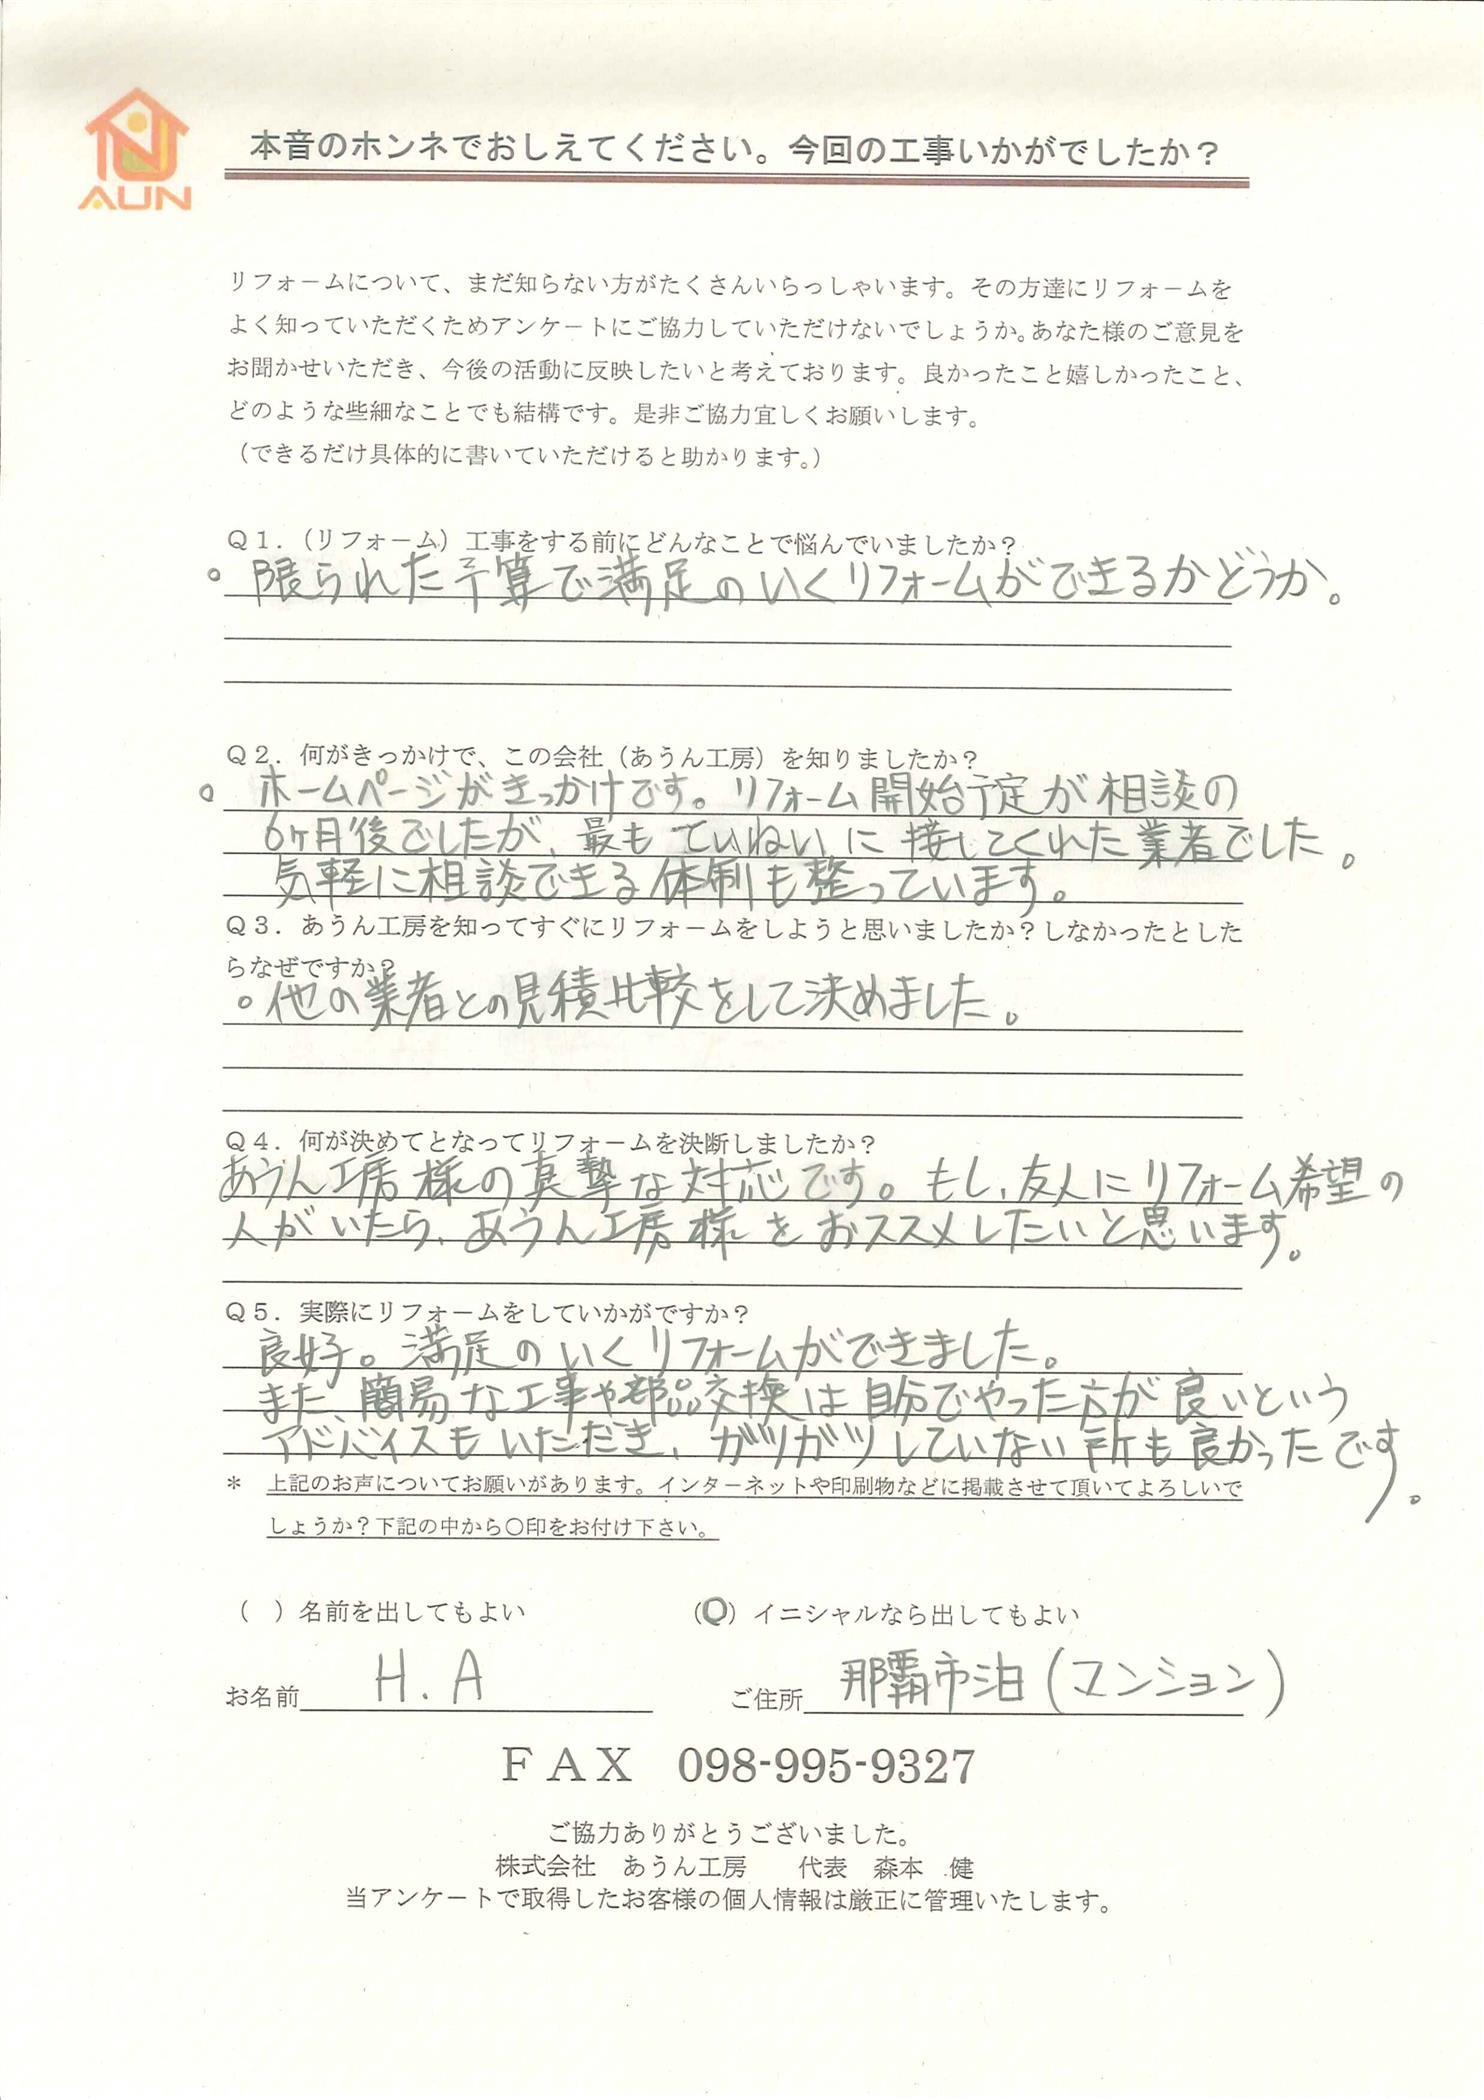 沖縄・那覇のリフォーム 実際のアンケートの画像:あうん工房様の真摯な対応です。